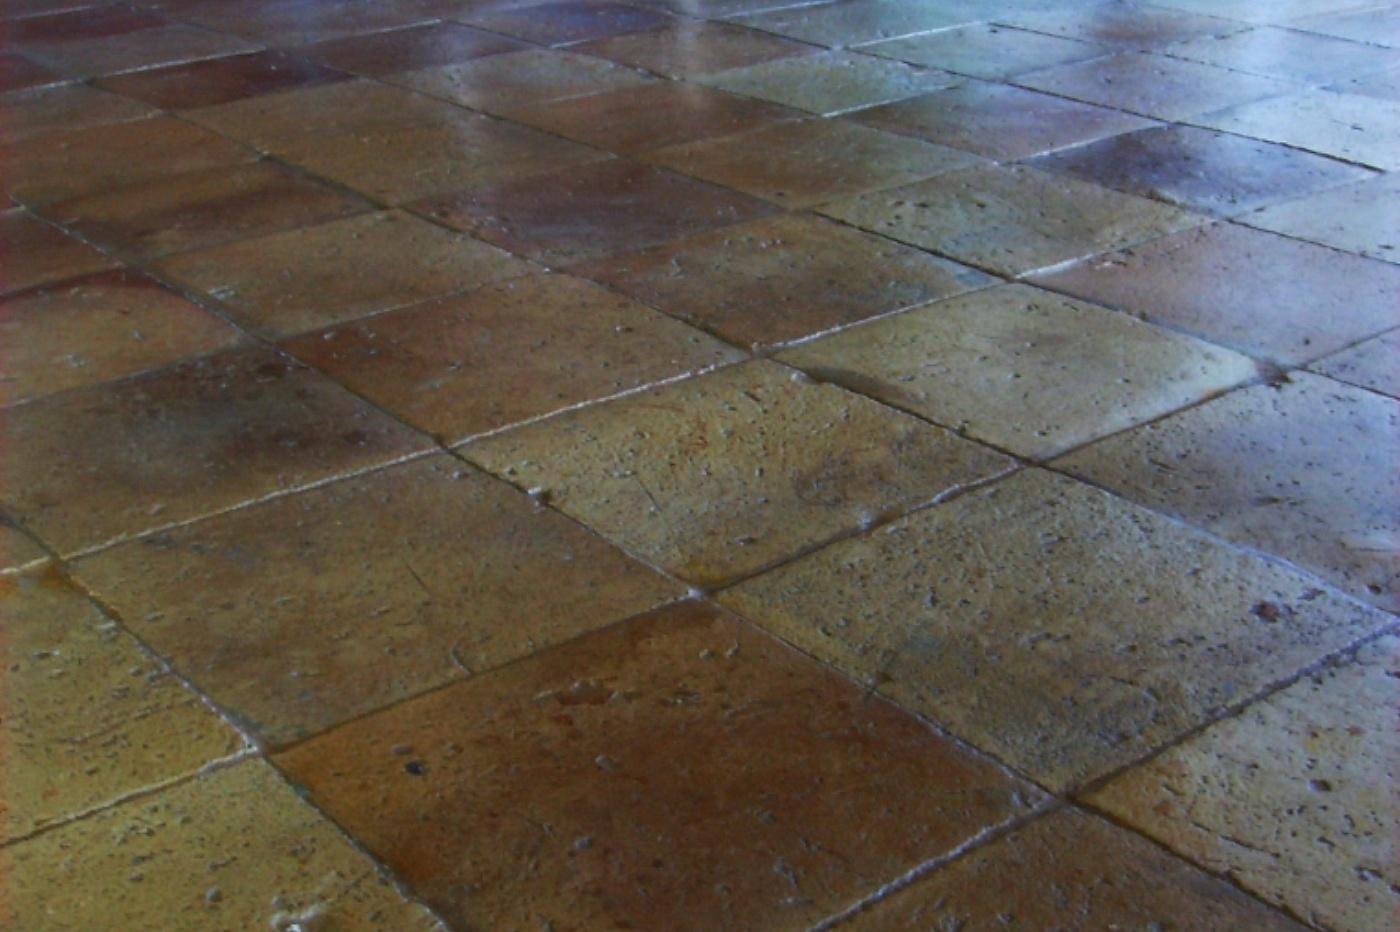 Pietrantica di paolo virano pavimenti in cotto nuovo e - Piastrelle di cotto ...